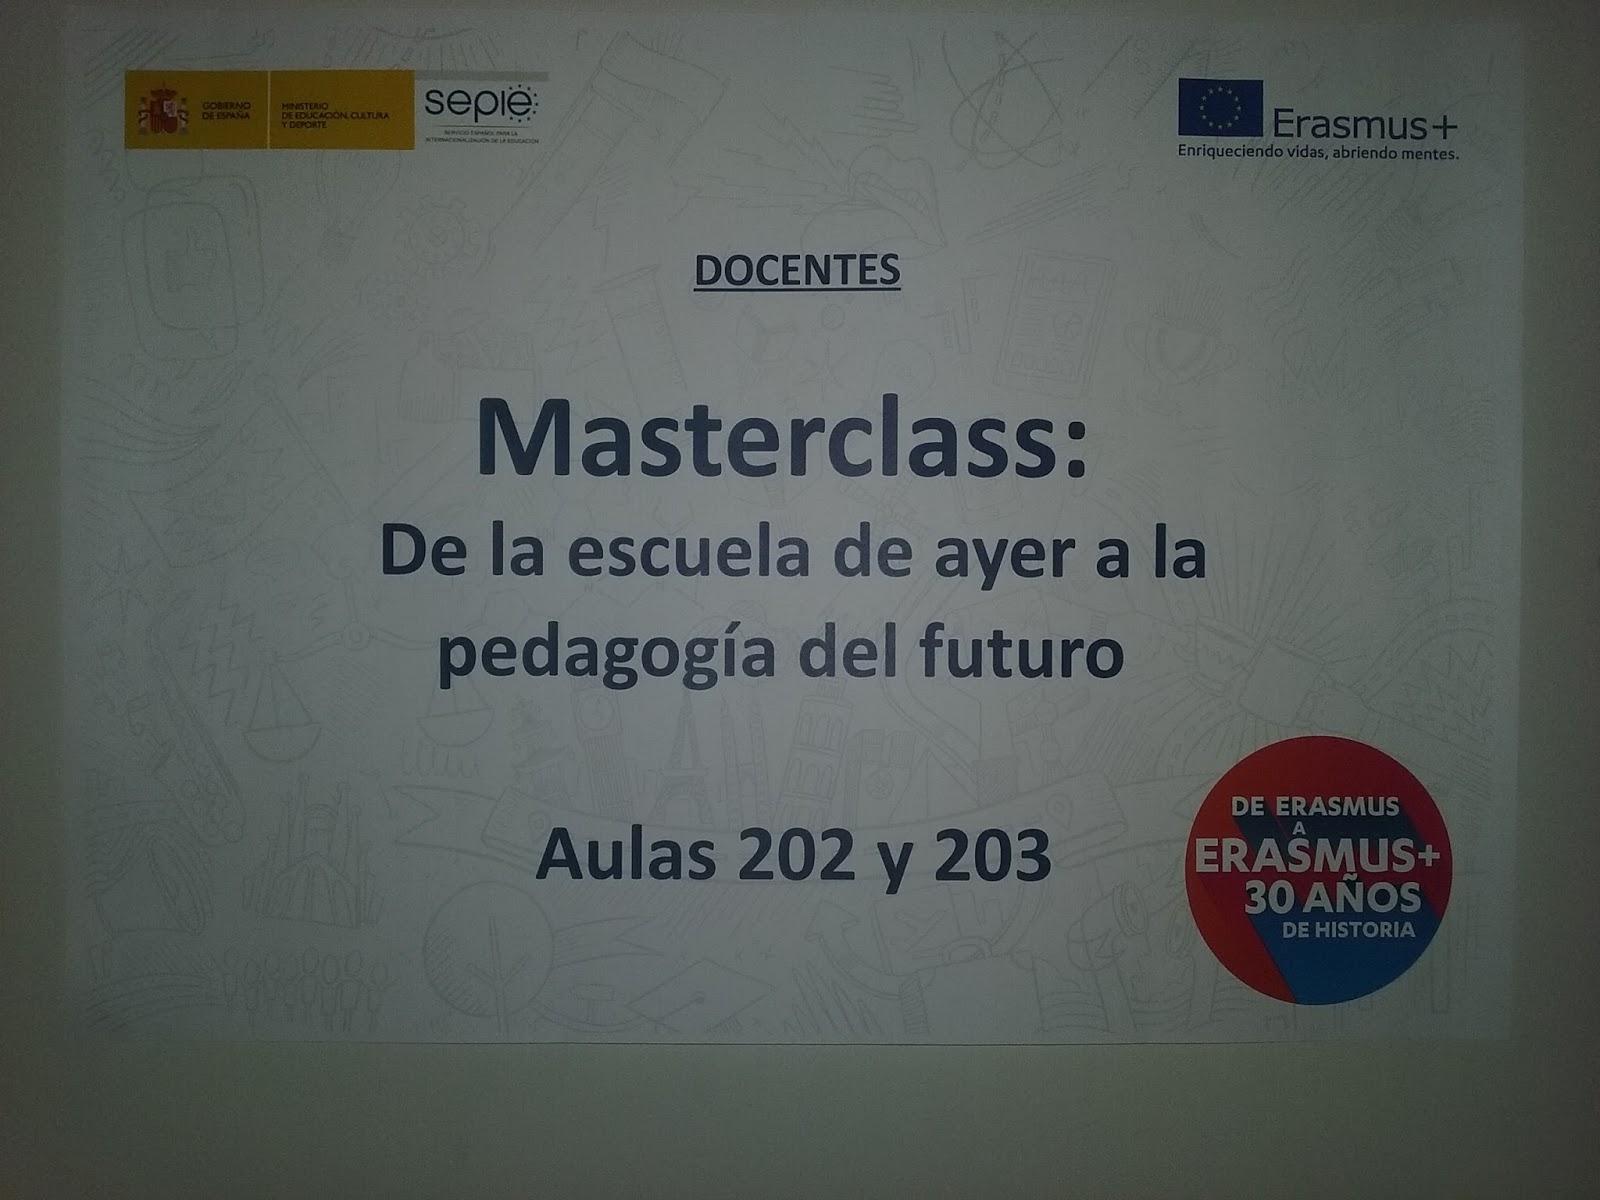 Erasmus+ IES El Burgo de Las Rozas: CRÓNICA DEL EVENTO EN LA CASA ...